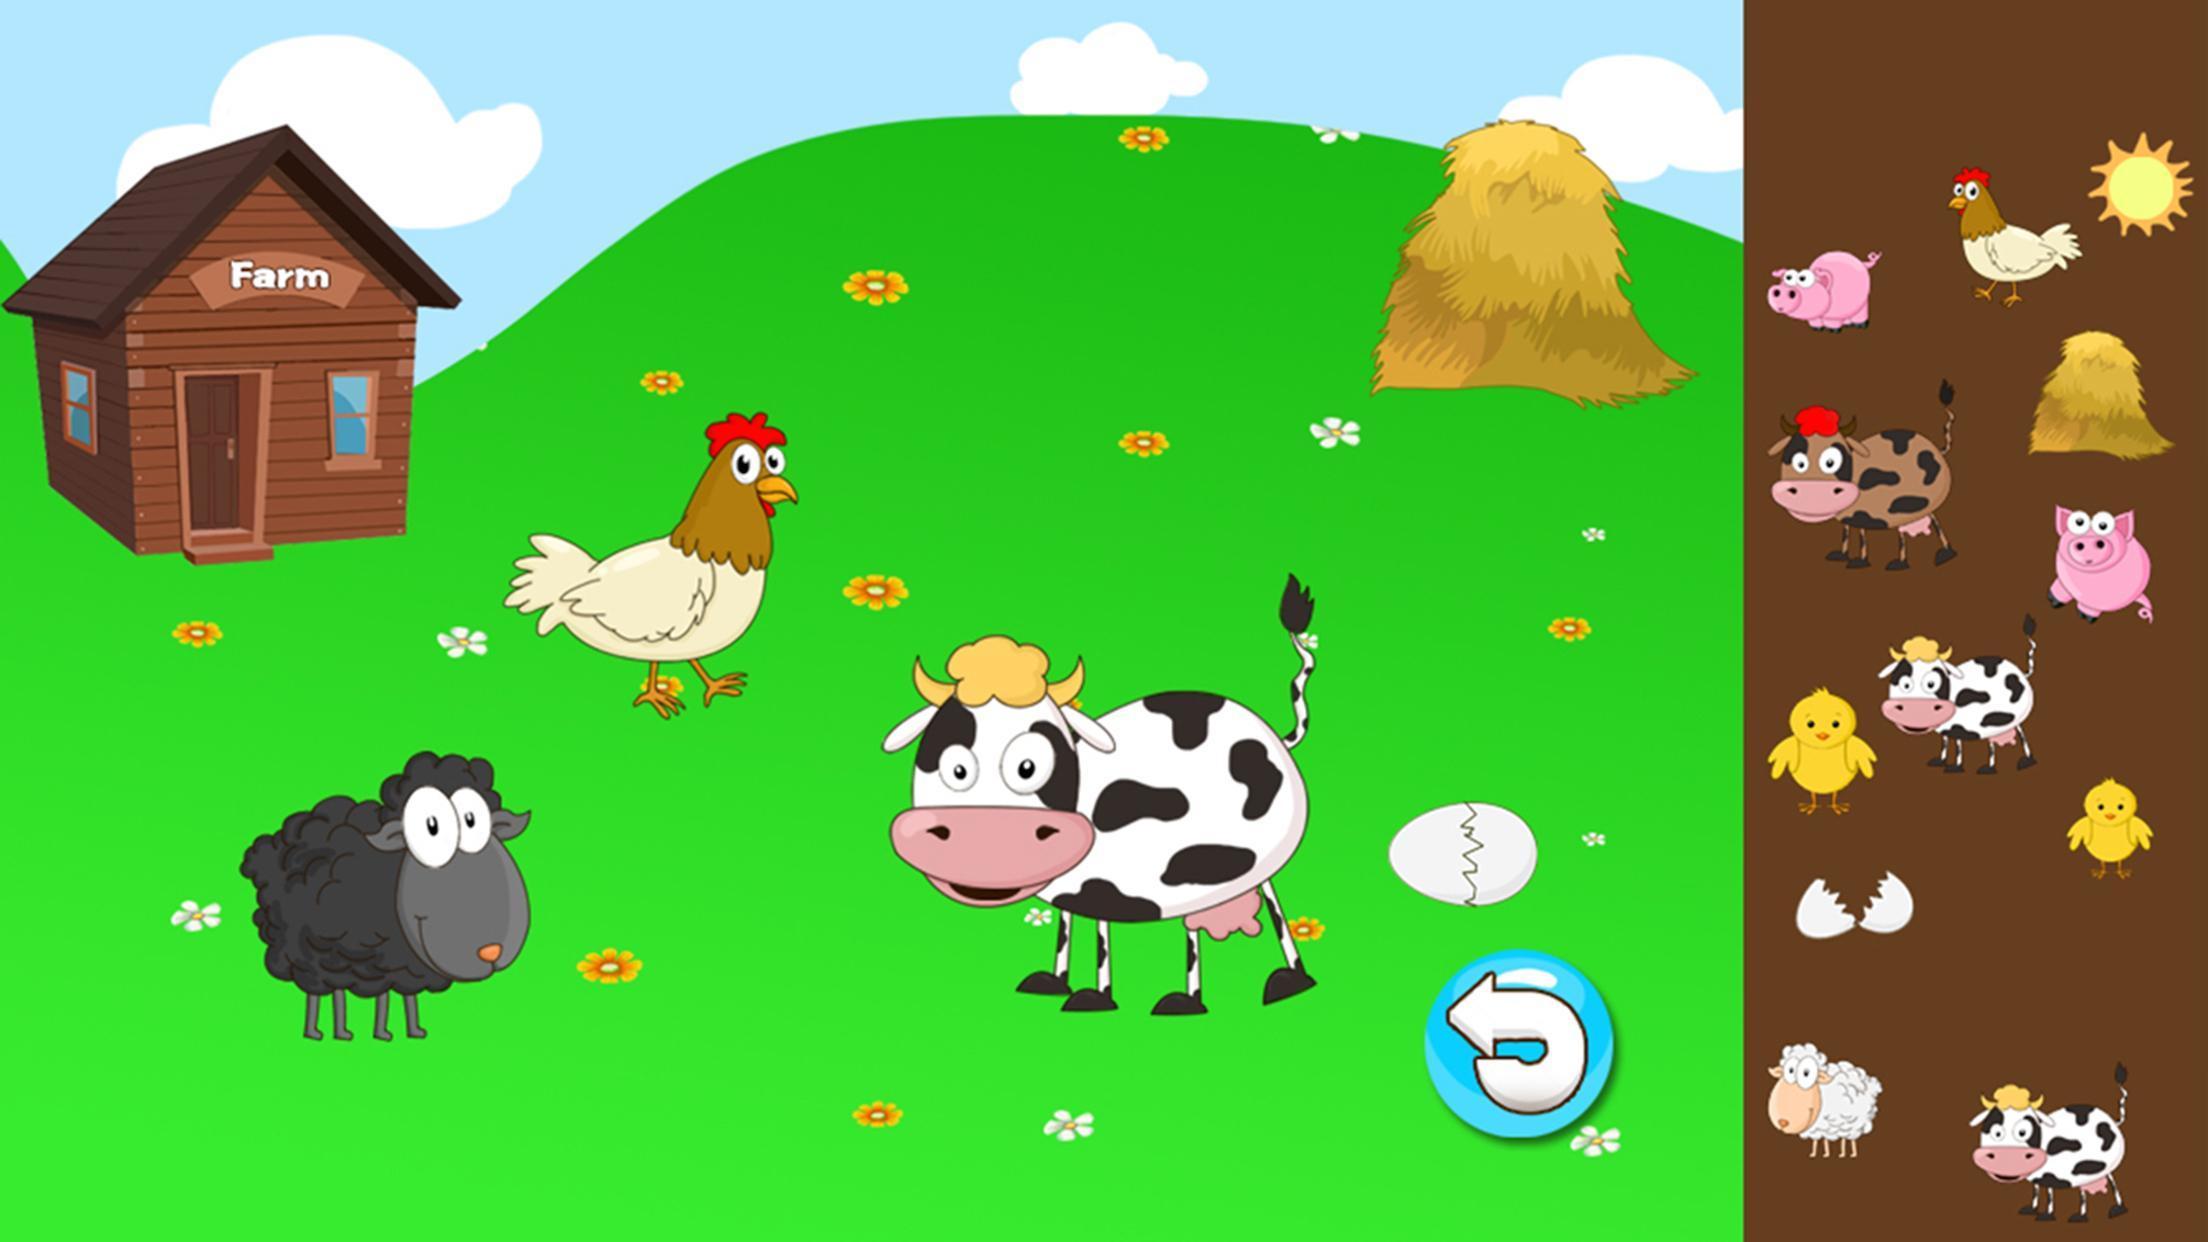 Sofia Jeux Animaux De La Ferme Pour Android - Téléchargez L'apk avec Jeux D Animaux De La Ferme